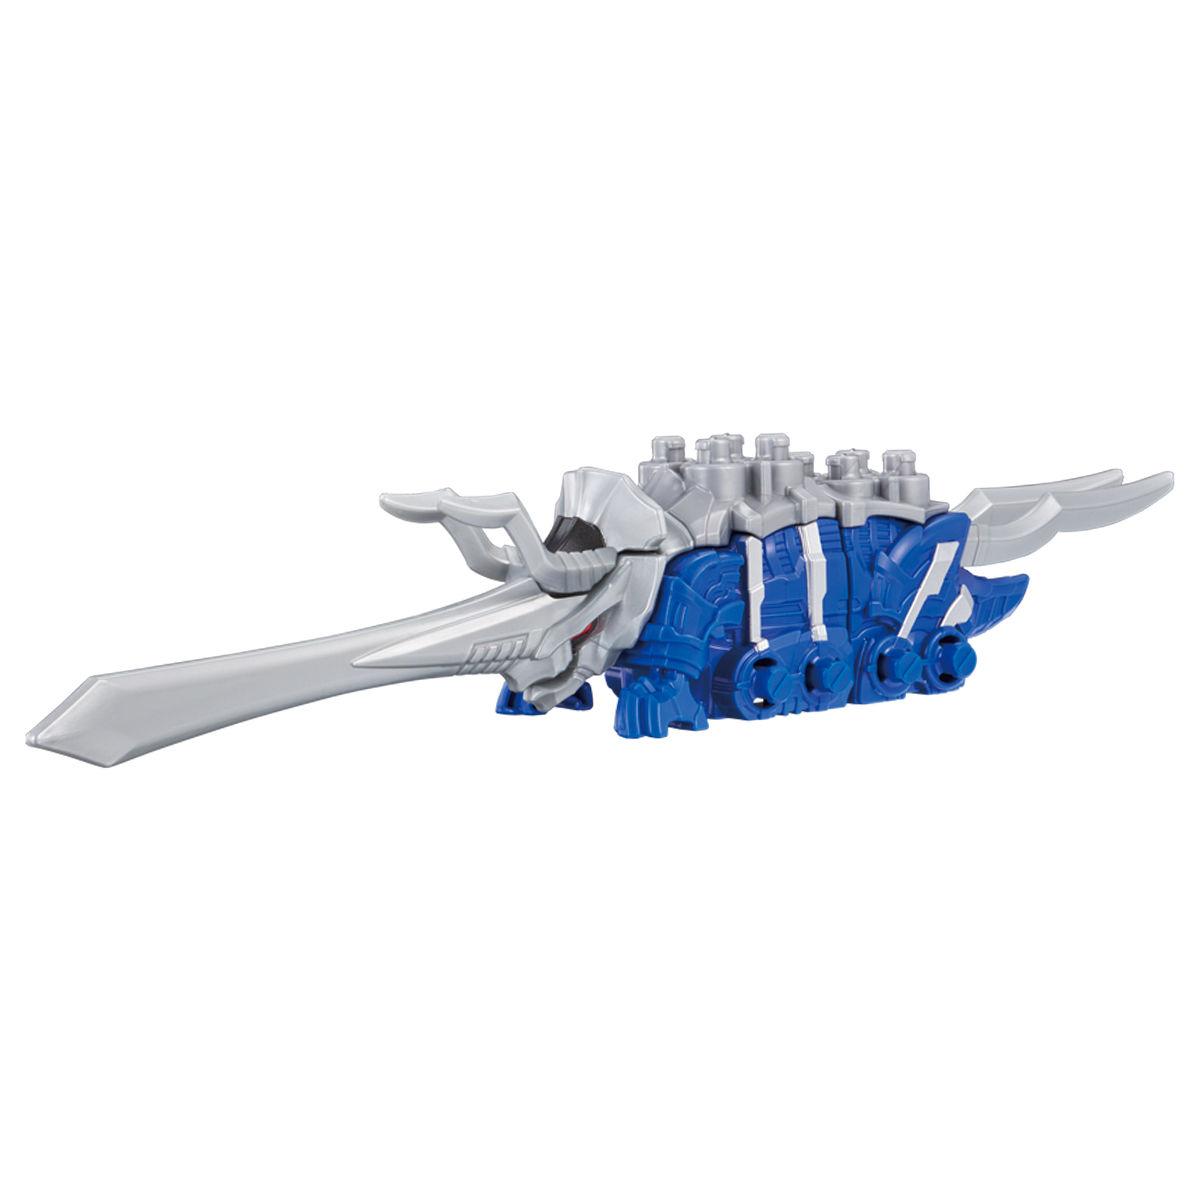 騎士竜シリーズ01&02&03 竜装合体 DXキシリュウオースリーナイツセット